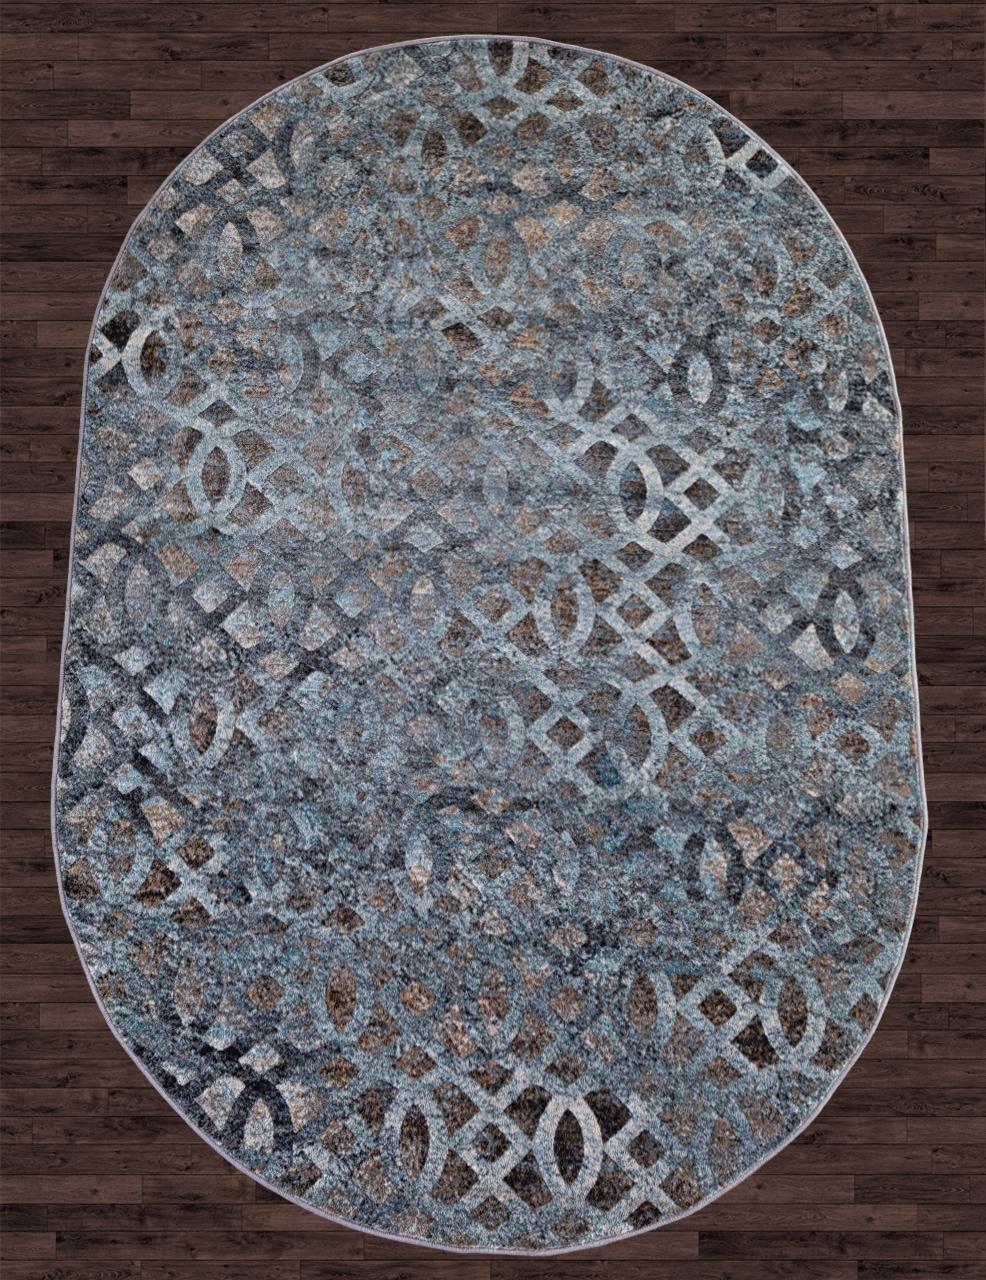 Ковер D563 - BEIGE-BLUE - Овал - коллекция MATRIX